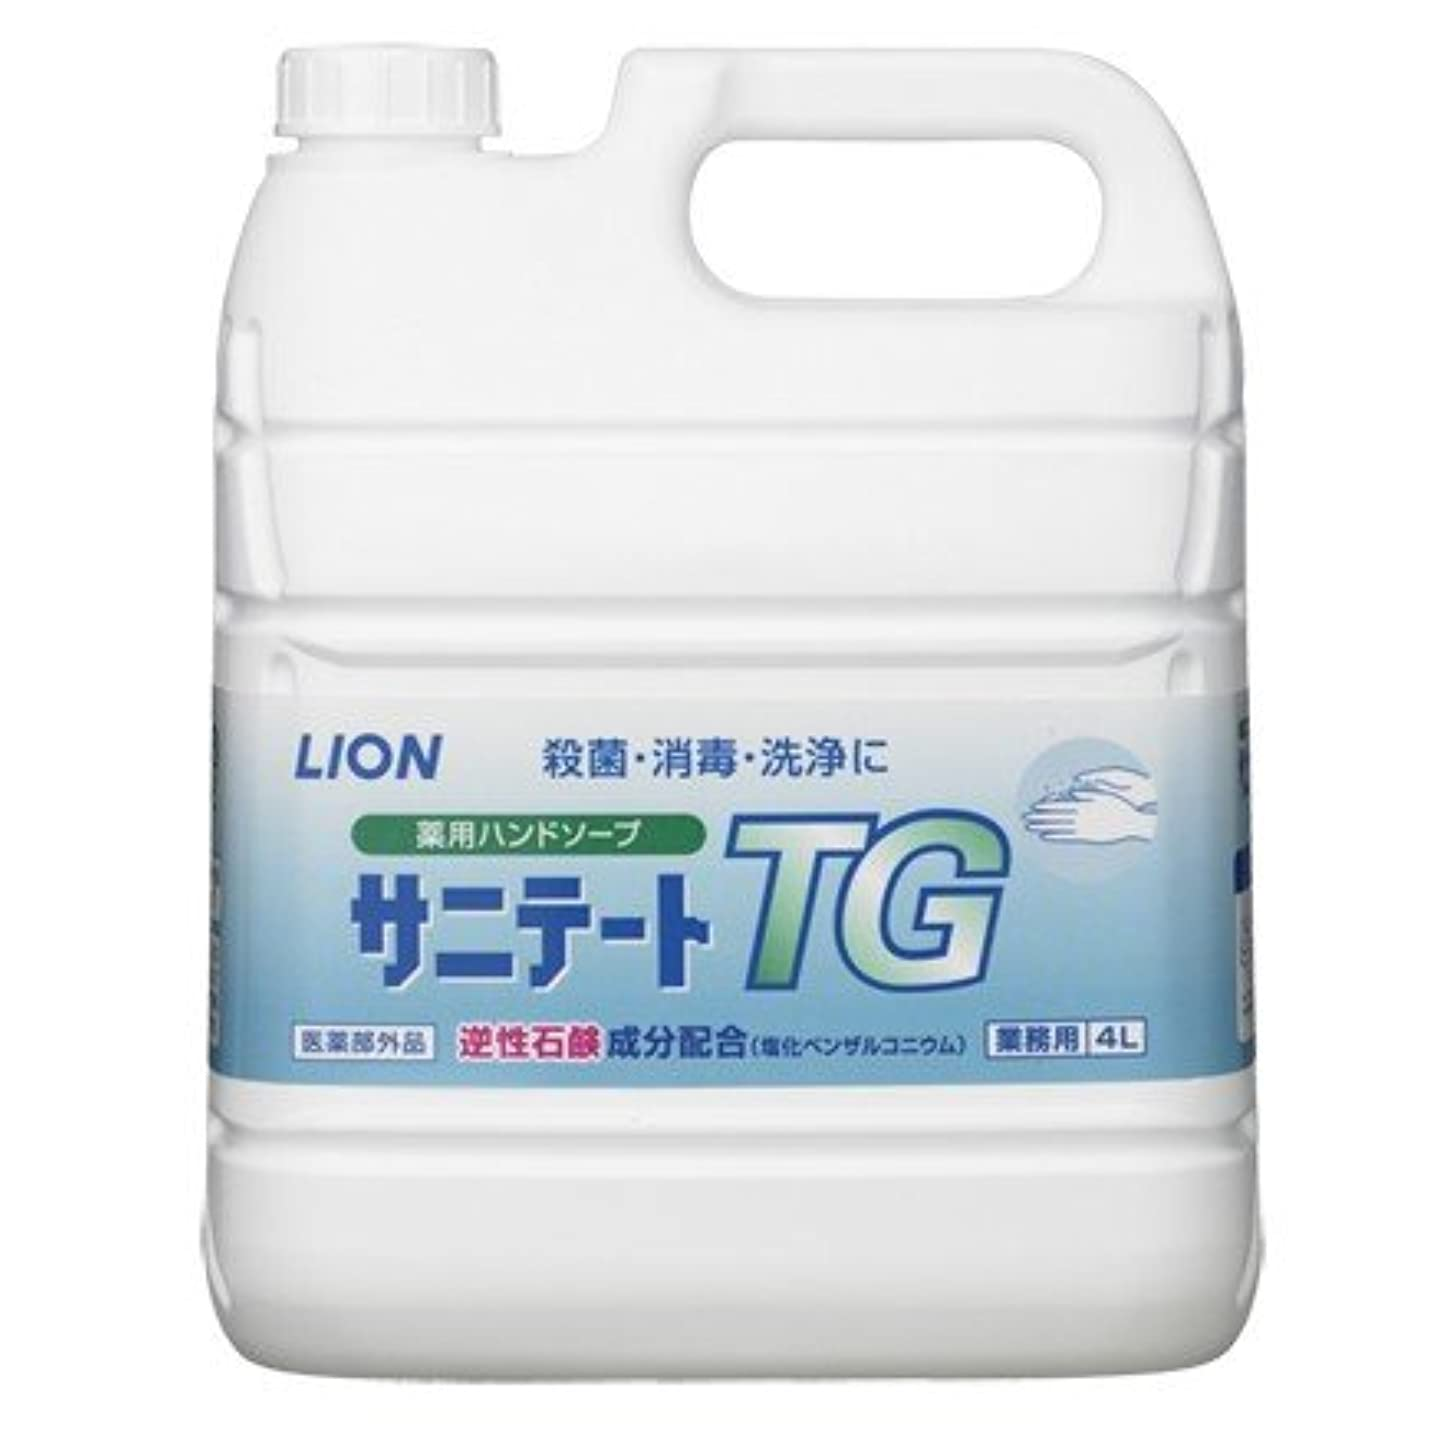 お手伝いさん著者骨折ライオン 薬用ハンドソープ サニテートTG 希釈タイプ(逆性石鹸)4L×2本入